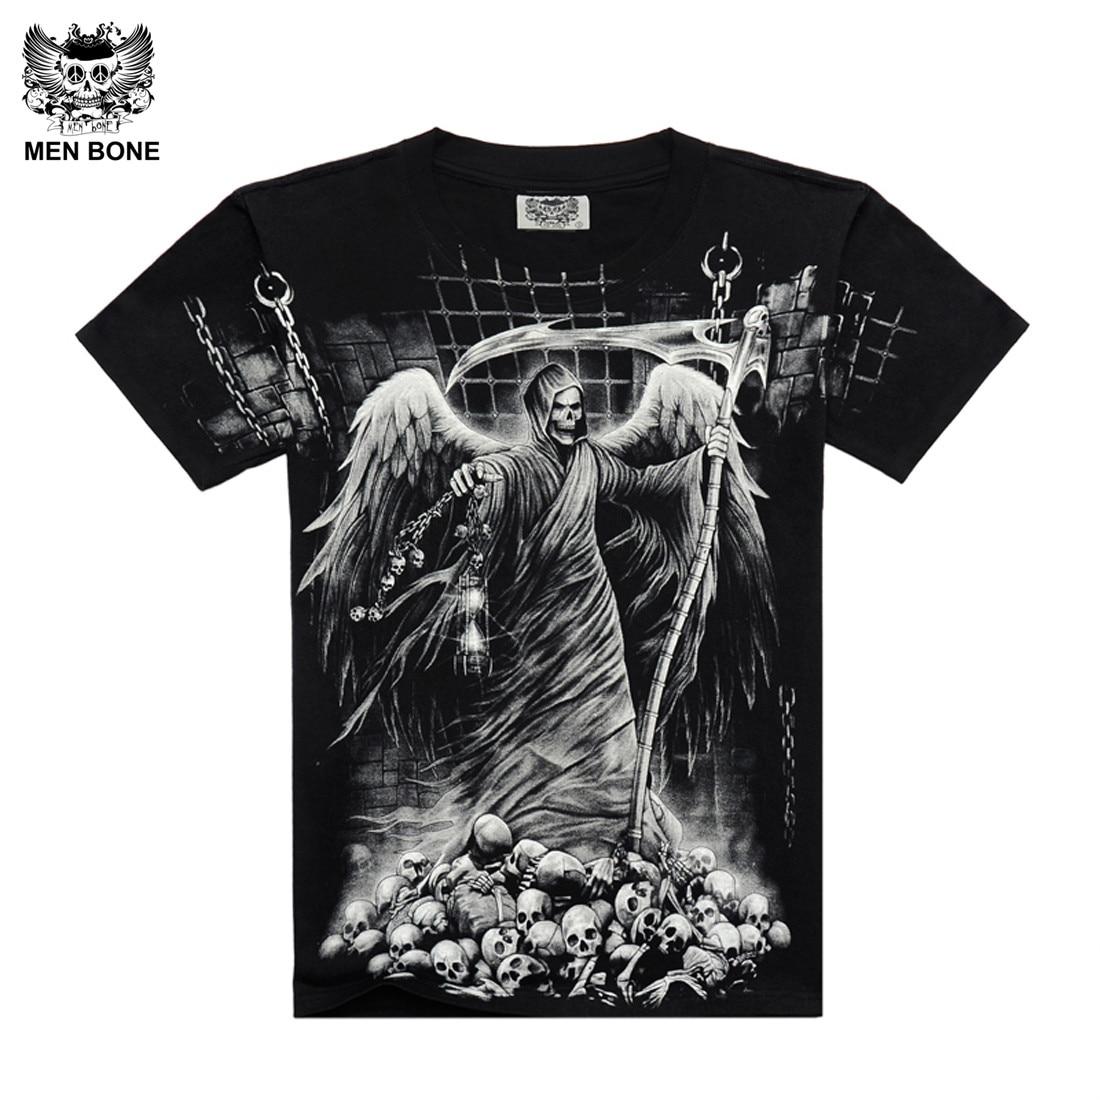 [عظم الرجال] جديد أزياء الجريمة هو ملاك الموت جاء الرجال البرية تي شيرت غريم ريبر المعاقب الأسود طباعة شيرت جميع الحجم